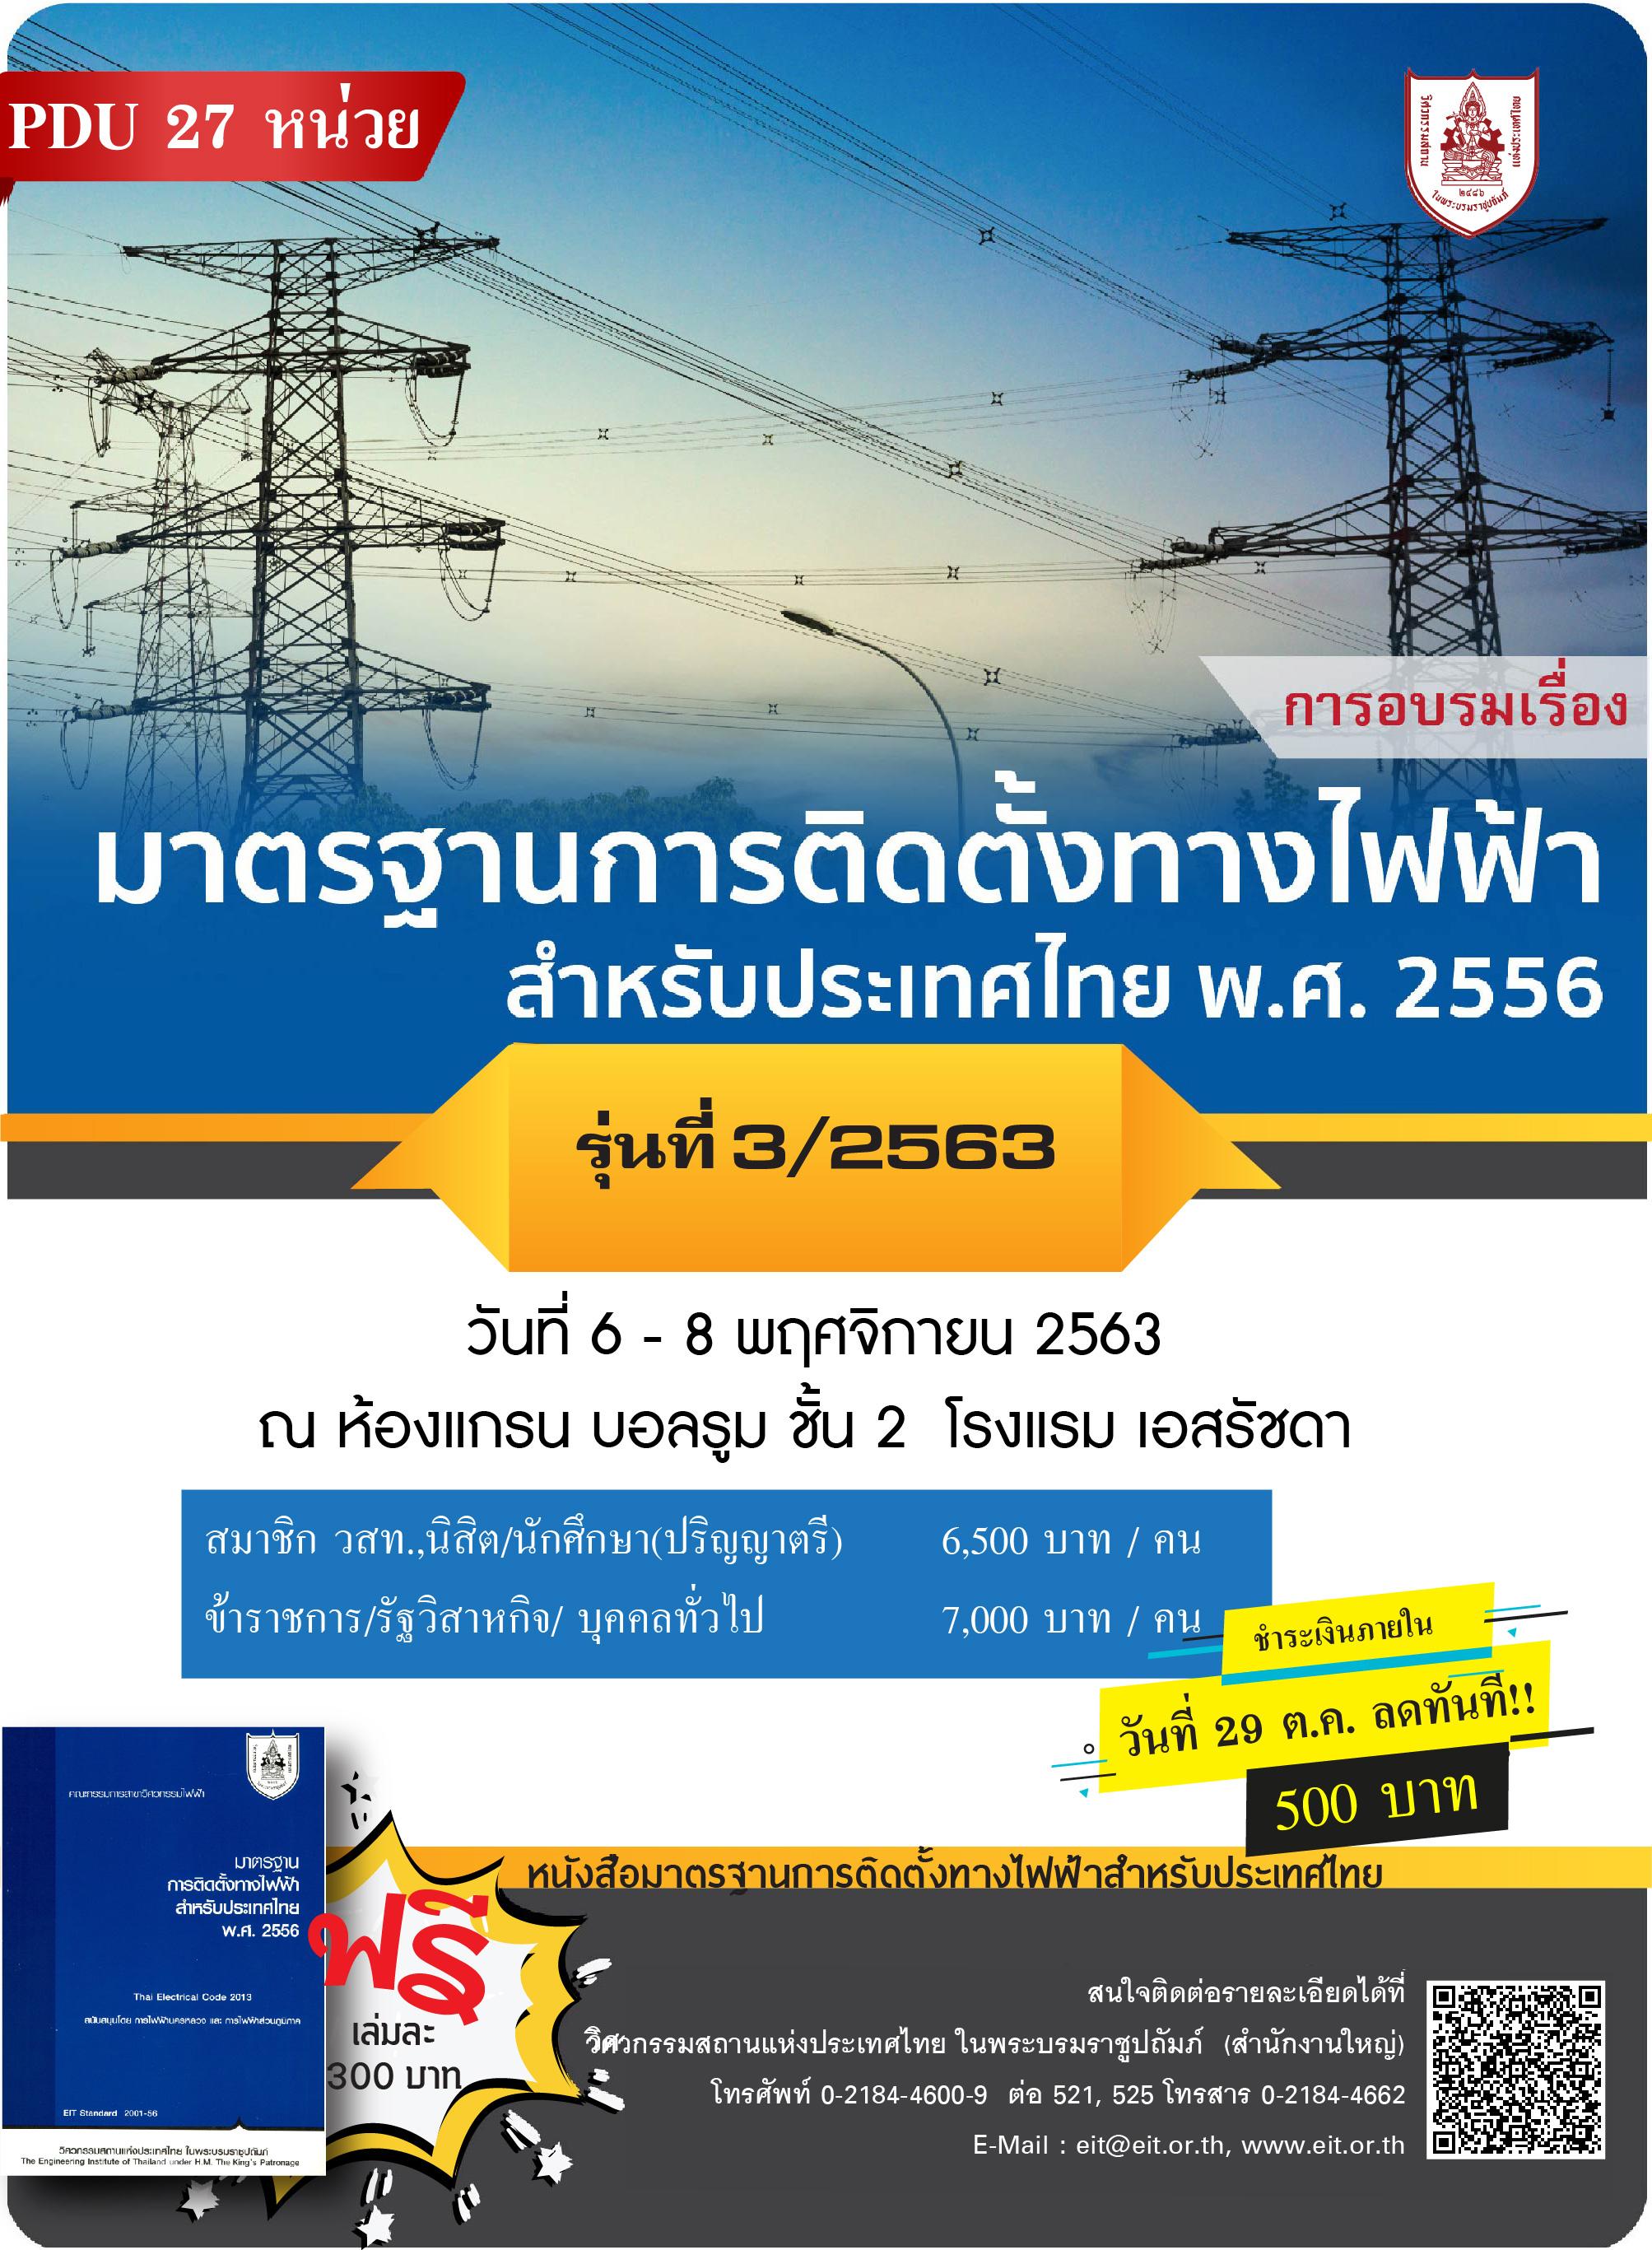 6-8/11/2563 การอบรมเรื่อง มาตรฐานการติดตั้งทางไฟฟ้าสำหรับประเทศไทย พ.ศ. 2556 รุ่นที่ 3/2563